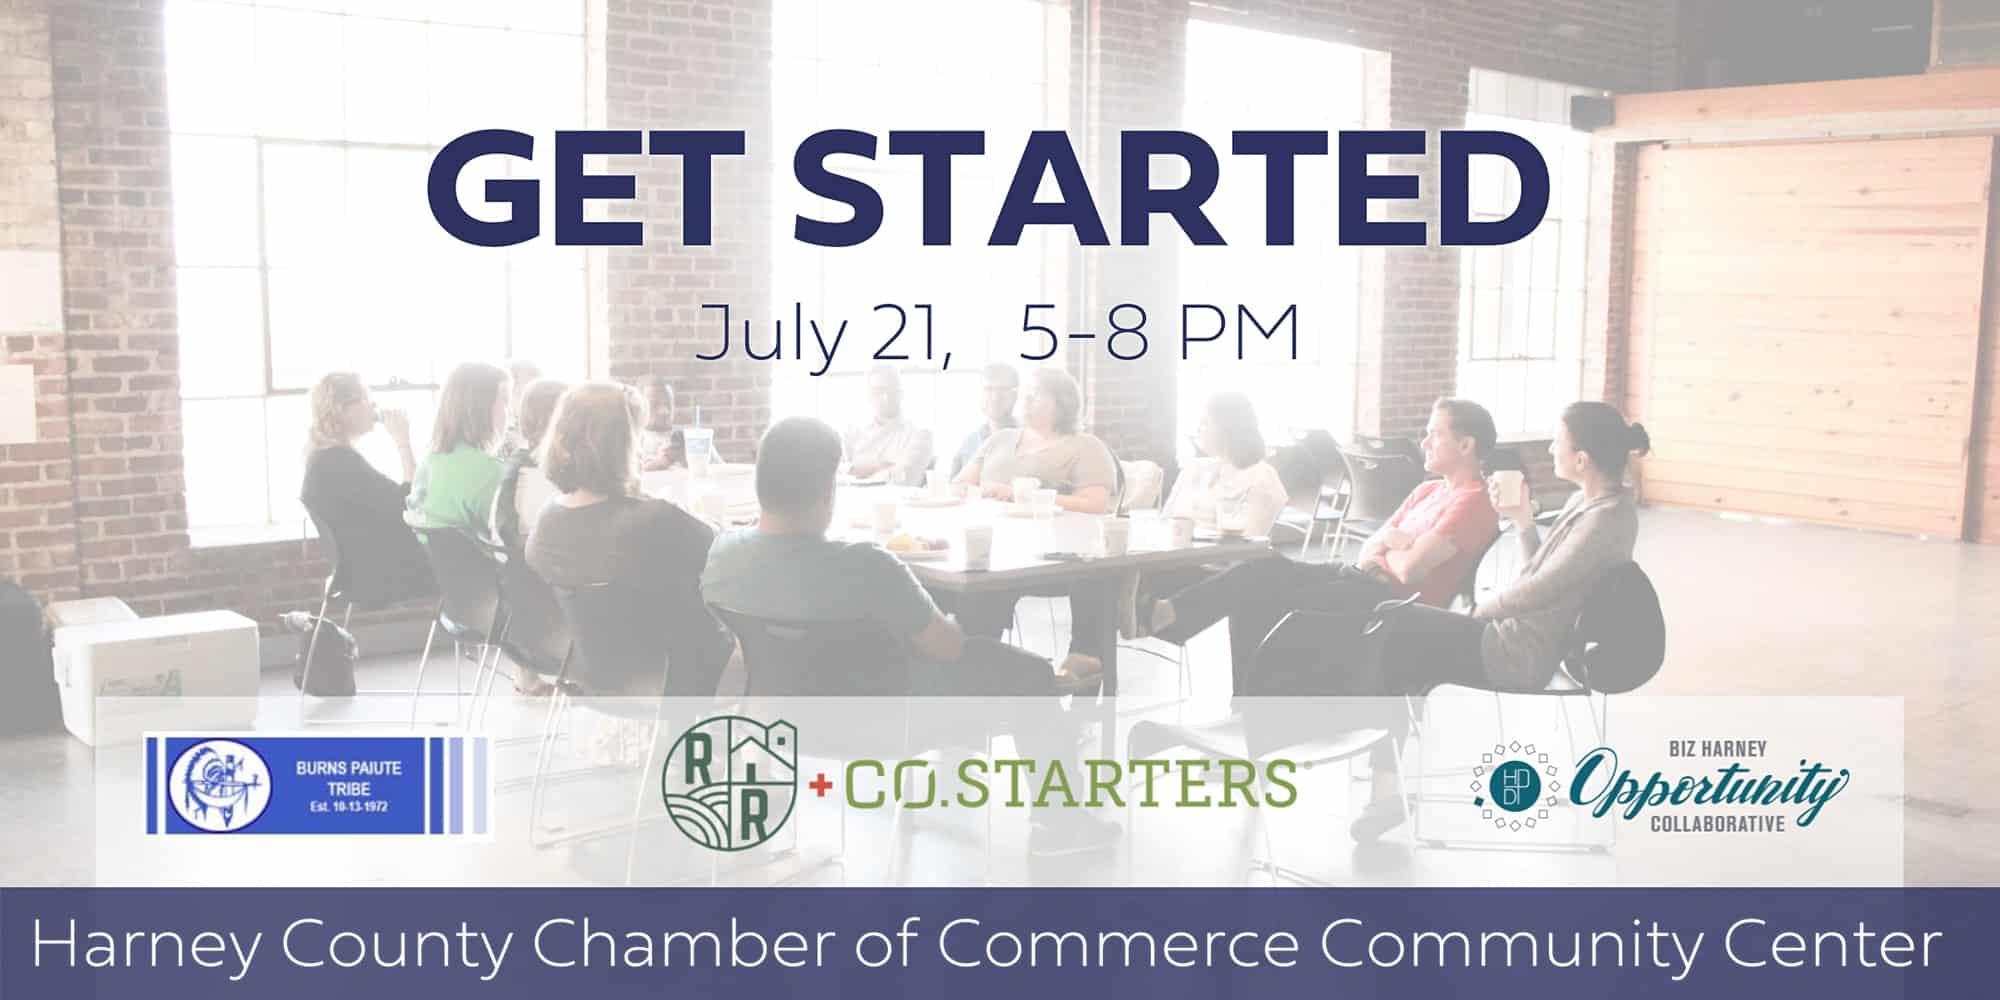 CoStarters Get Started Workshop